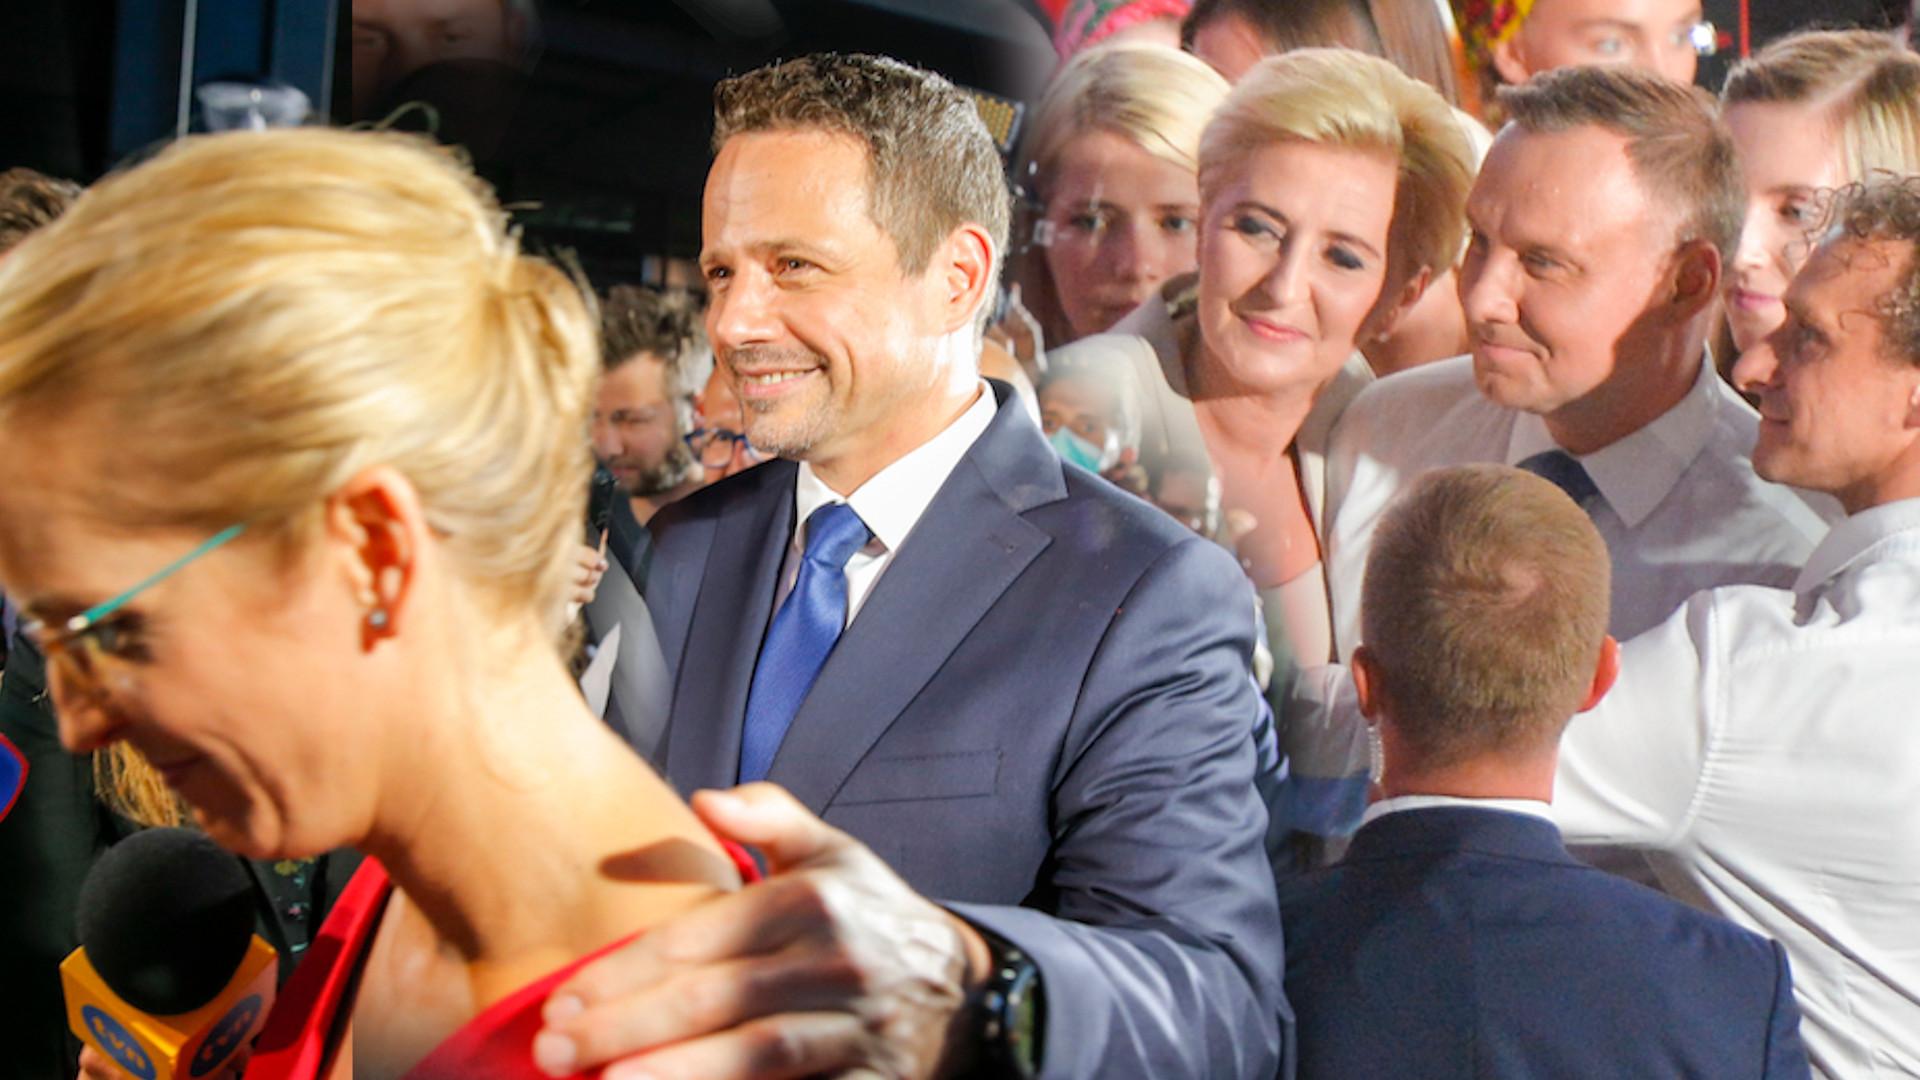 Wieczór wyborczy Dudy i Trzaskowskiego. Tak zaprezentowały się żony kandydatów